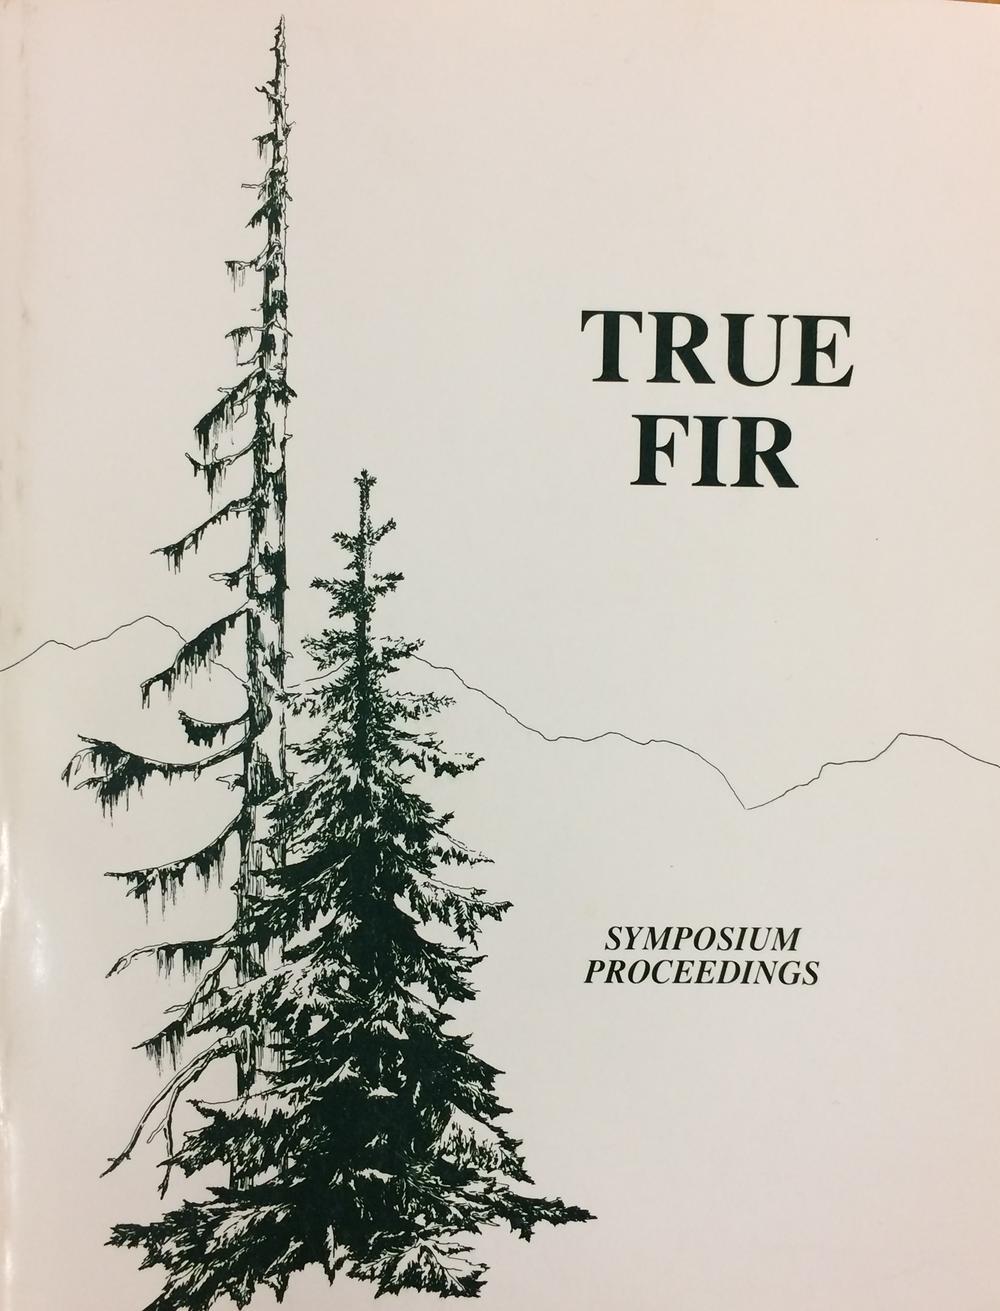 True fir.png